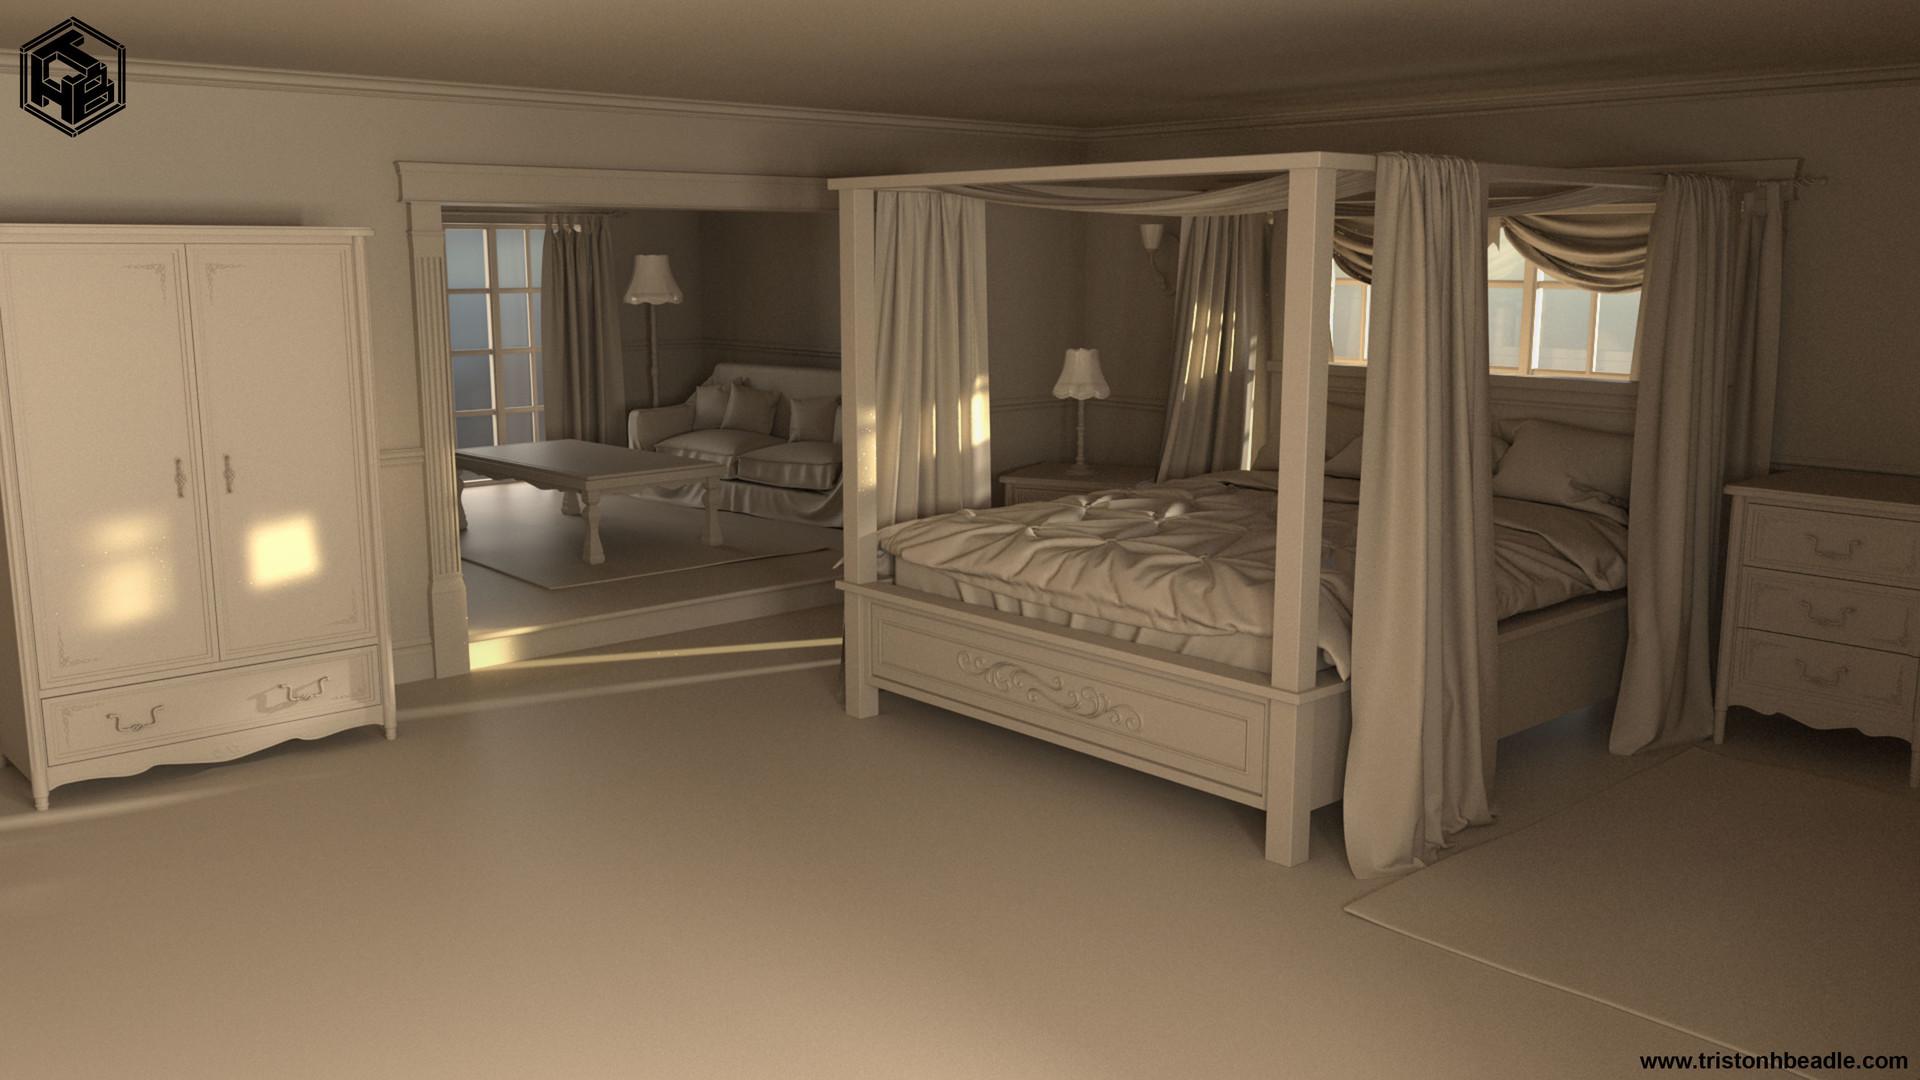 Triston beadle interior bedroom